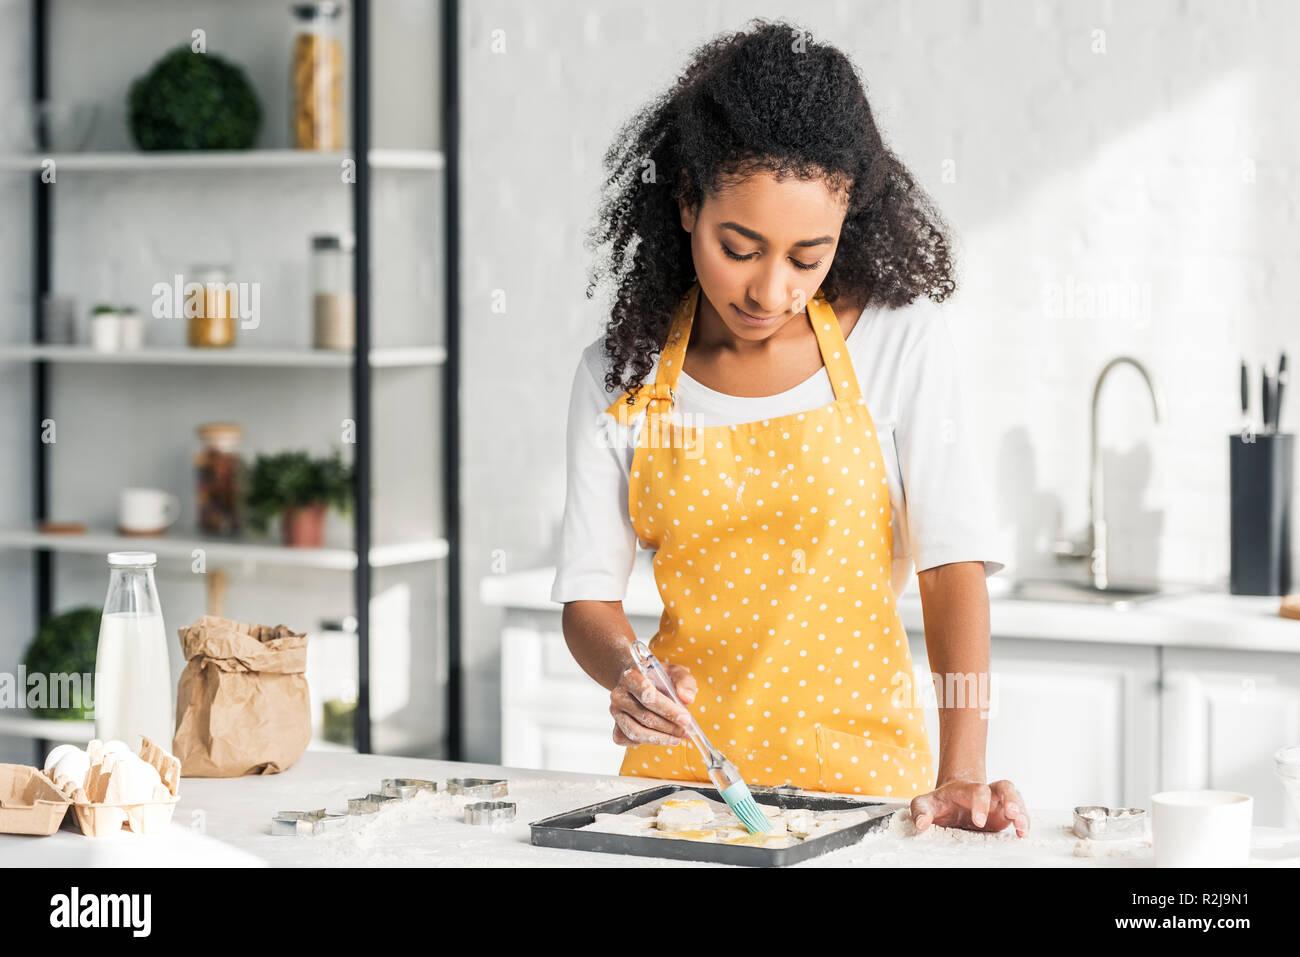 Attractive african american girl en tablier d'appliquer de l'huile sur les cookies non cuits dans la cuisine Photo Stock